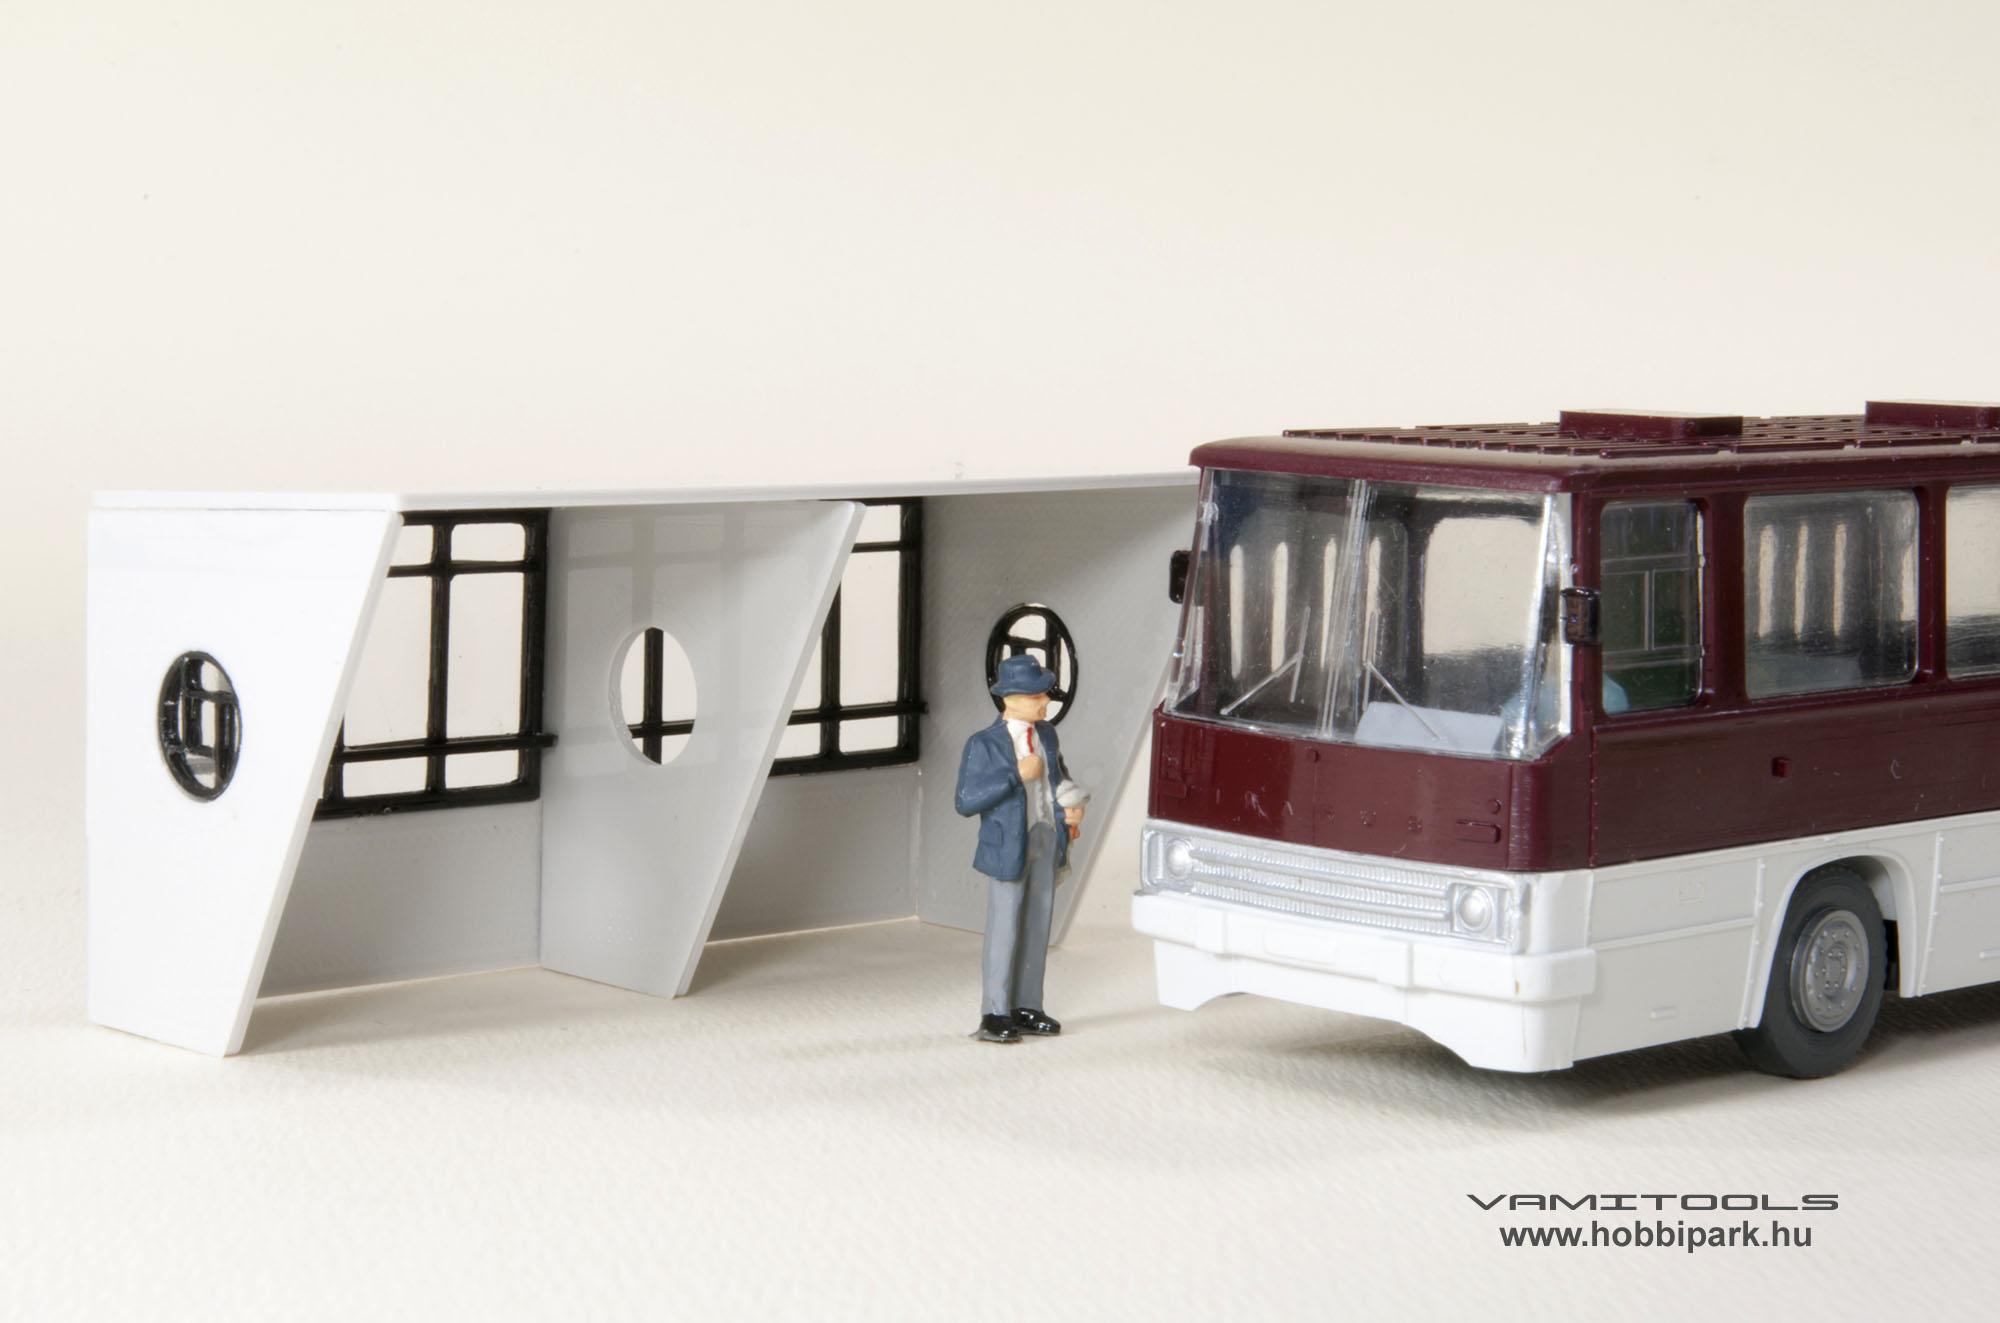 buszmegálló, beálló, buszöböl, váró, váróterem, vasútmodell, dioráma, terepasztal, vasút, épület, hát, bódé, H0 buszmegálló, H0 beálló, H0 buszöböl, H0 váró, H0 váróterem, H0 vasútmodell, H0 dioráma, H0 terepasztal, H0 vasút, H0 épület, H0 hát, H0 bódé, 1:87 buszmegálló, 1:87 beálló, 1:87 buszöböl, 1:87 váró, 1:87 váróterem, 1:87 vasútmodell, 1:87 dioráma, 1:87 terepasztal, 1:87 vasút, 1:87 épület, 1:87 hát, 1:87 bódé, TT buszmegálló, TT beálló, TT buszöböl, TT váró, TT váróterem, TT vasútmodell, TT dioráma, TT terepasztal, TT vasút, TT épület, TT hát, TT bódé, 1:120 buszmegálló, 1:120 beálló, 1:120 buszöböl, 1:120 váró, 1:120 váróterem, 1:120 vasútmodell, 1:120 dioráma, 1:120 terepasztal, 1:120 vasút, 1:120 épület, 1:120 hát, 1:120 bódé, N buszmegálló, N beálló, N buszöböl, N váró, N váróterem, N vasútmodell, N dioráma, N terepasztal, N vasút, N épület, N hát, N bódé, 1:160 buszmegálló, 1:160 beálló, 1:160 buszöböl, 1:160 váró, 1:160 váróterem, 1:160 vasútmodell, 1:160 dioráma, 1:160 terepasztal, 1:160 vasút, 1:160 épület, 1:160 hát, 1:160 bódé, modell buszmegálló, modell beálló, modell buszöböl, modell váró, modell váróterem, modell vasútmodell, modell dioráma, modell terepasztal, modell vasút, modell épület, modell hát, modell bódé, makett buszmegálló, makett beálló, makett buszöböl, makett váró, makett váróterem, makett vasútmodell, makett dioráma, makett terepasztal, makett vasút, makett épület, makett hát, makett bódé